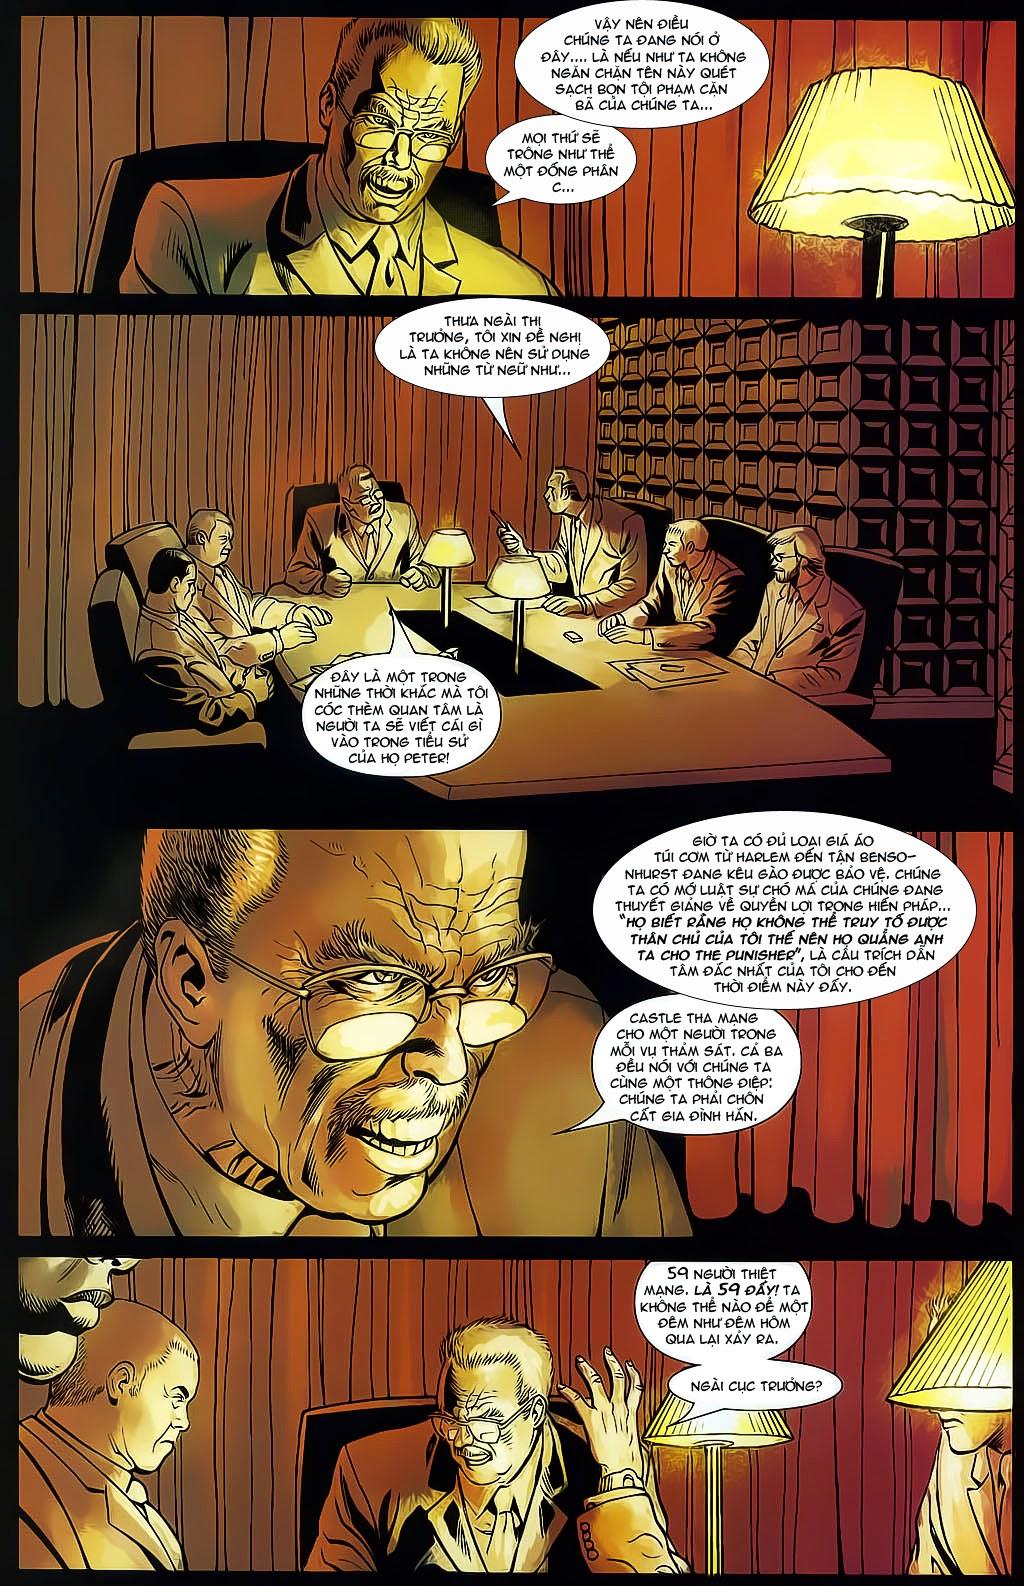 The Punisher: Trên là Dưới & Trắng là Đen chap 4 - Trang 13